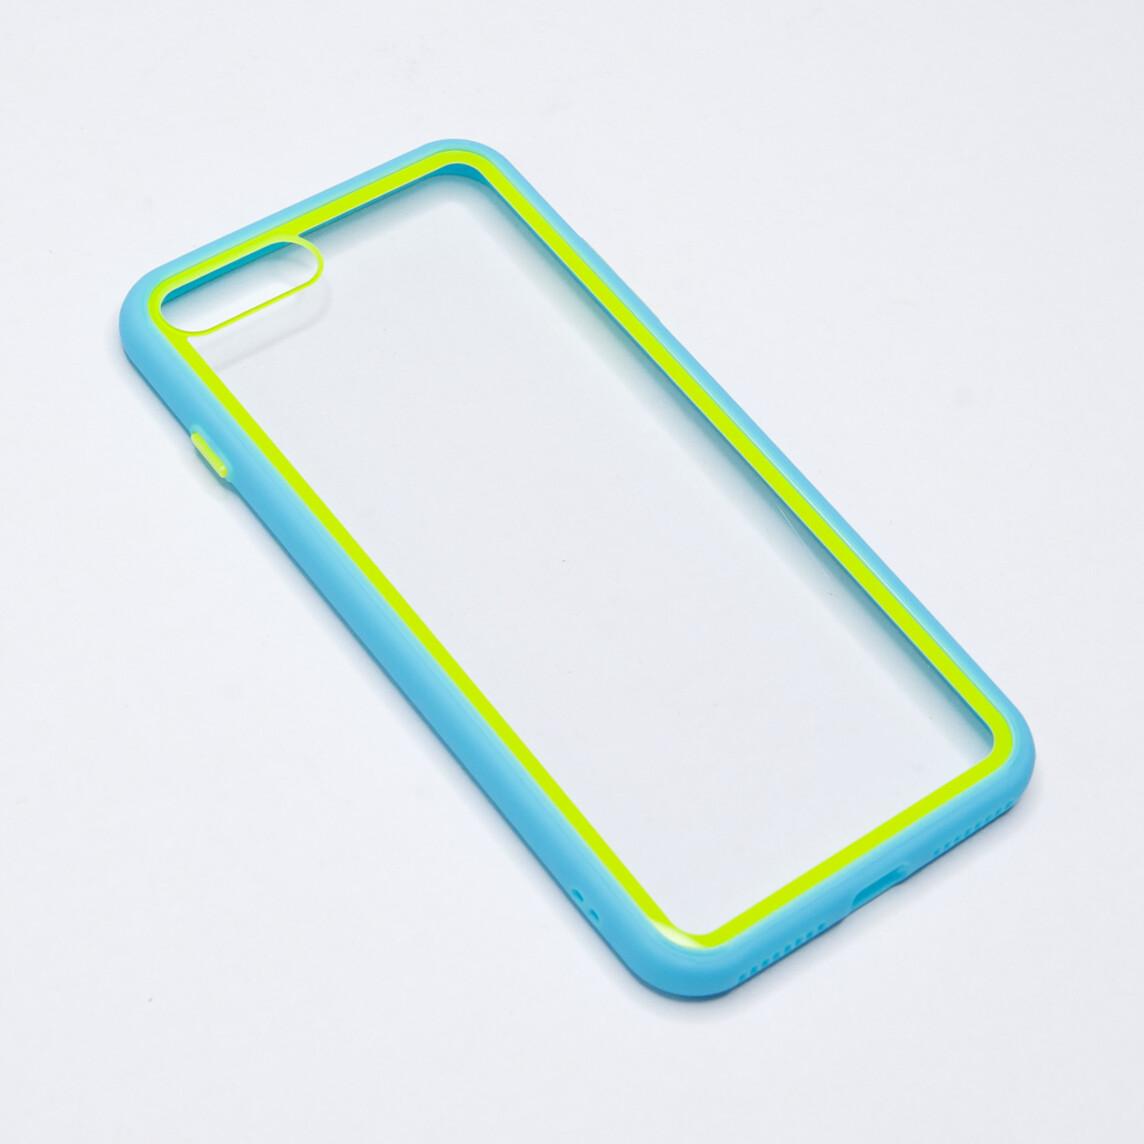 Estuche EL REY Marco De Color Celeste Y Parte De Atras Transparente - Iphone 7 /8